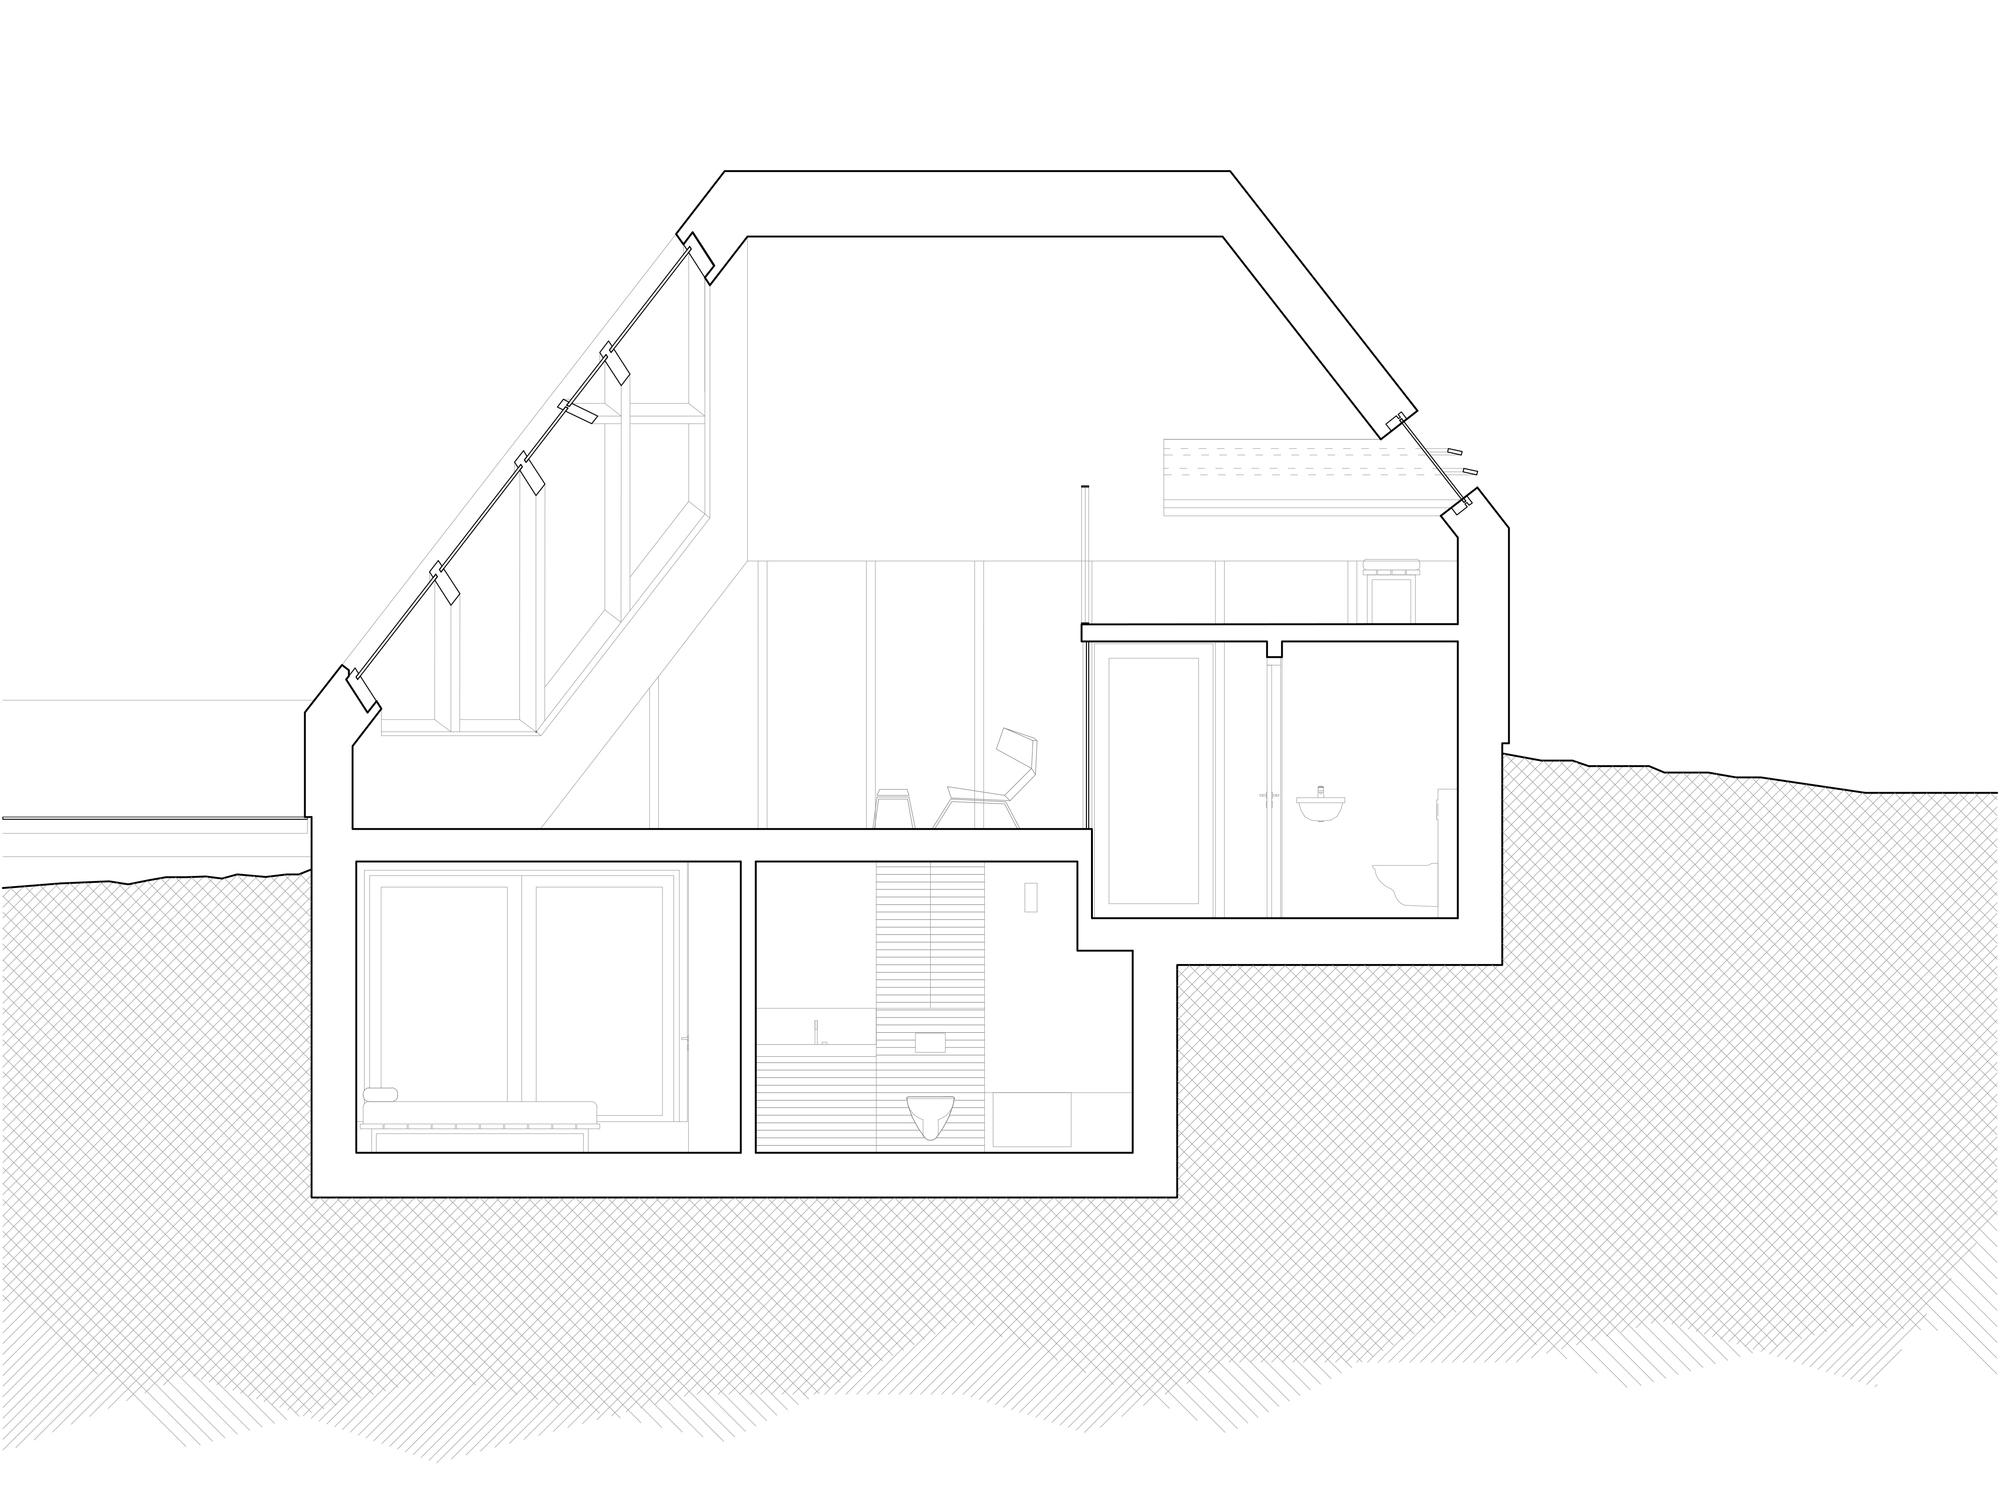 Dune House / Marc Koehler Architects (1)